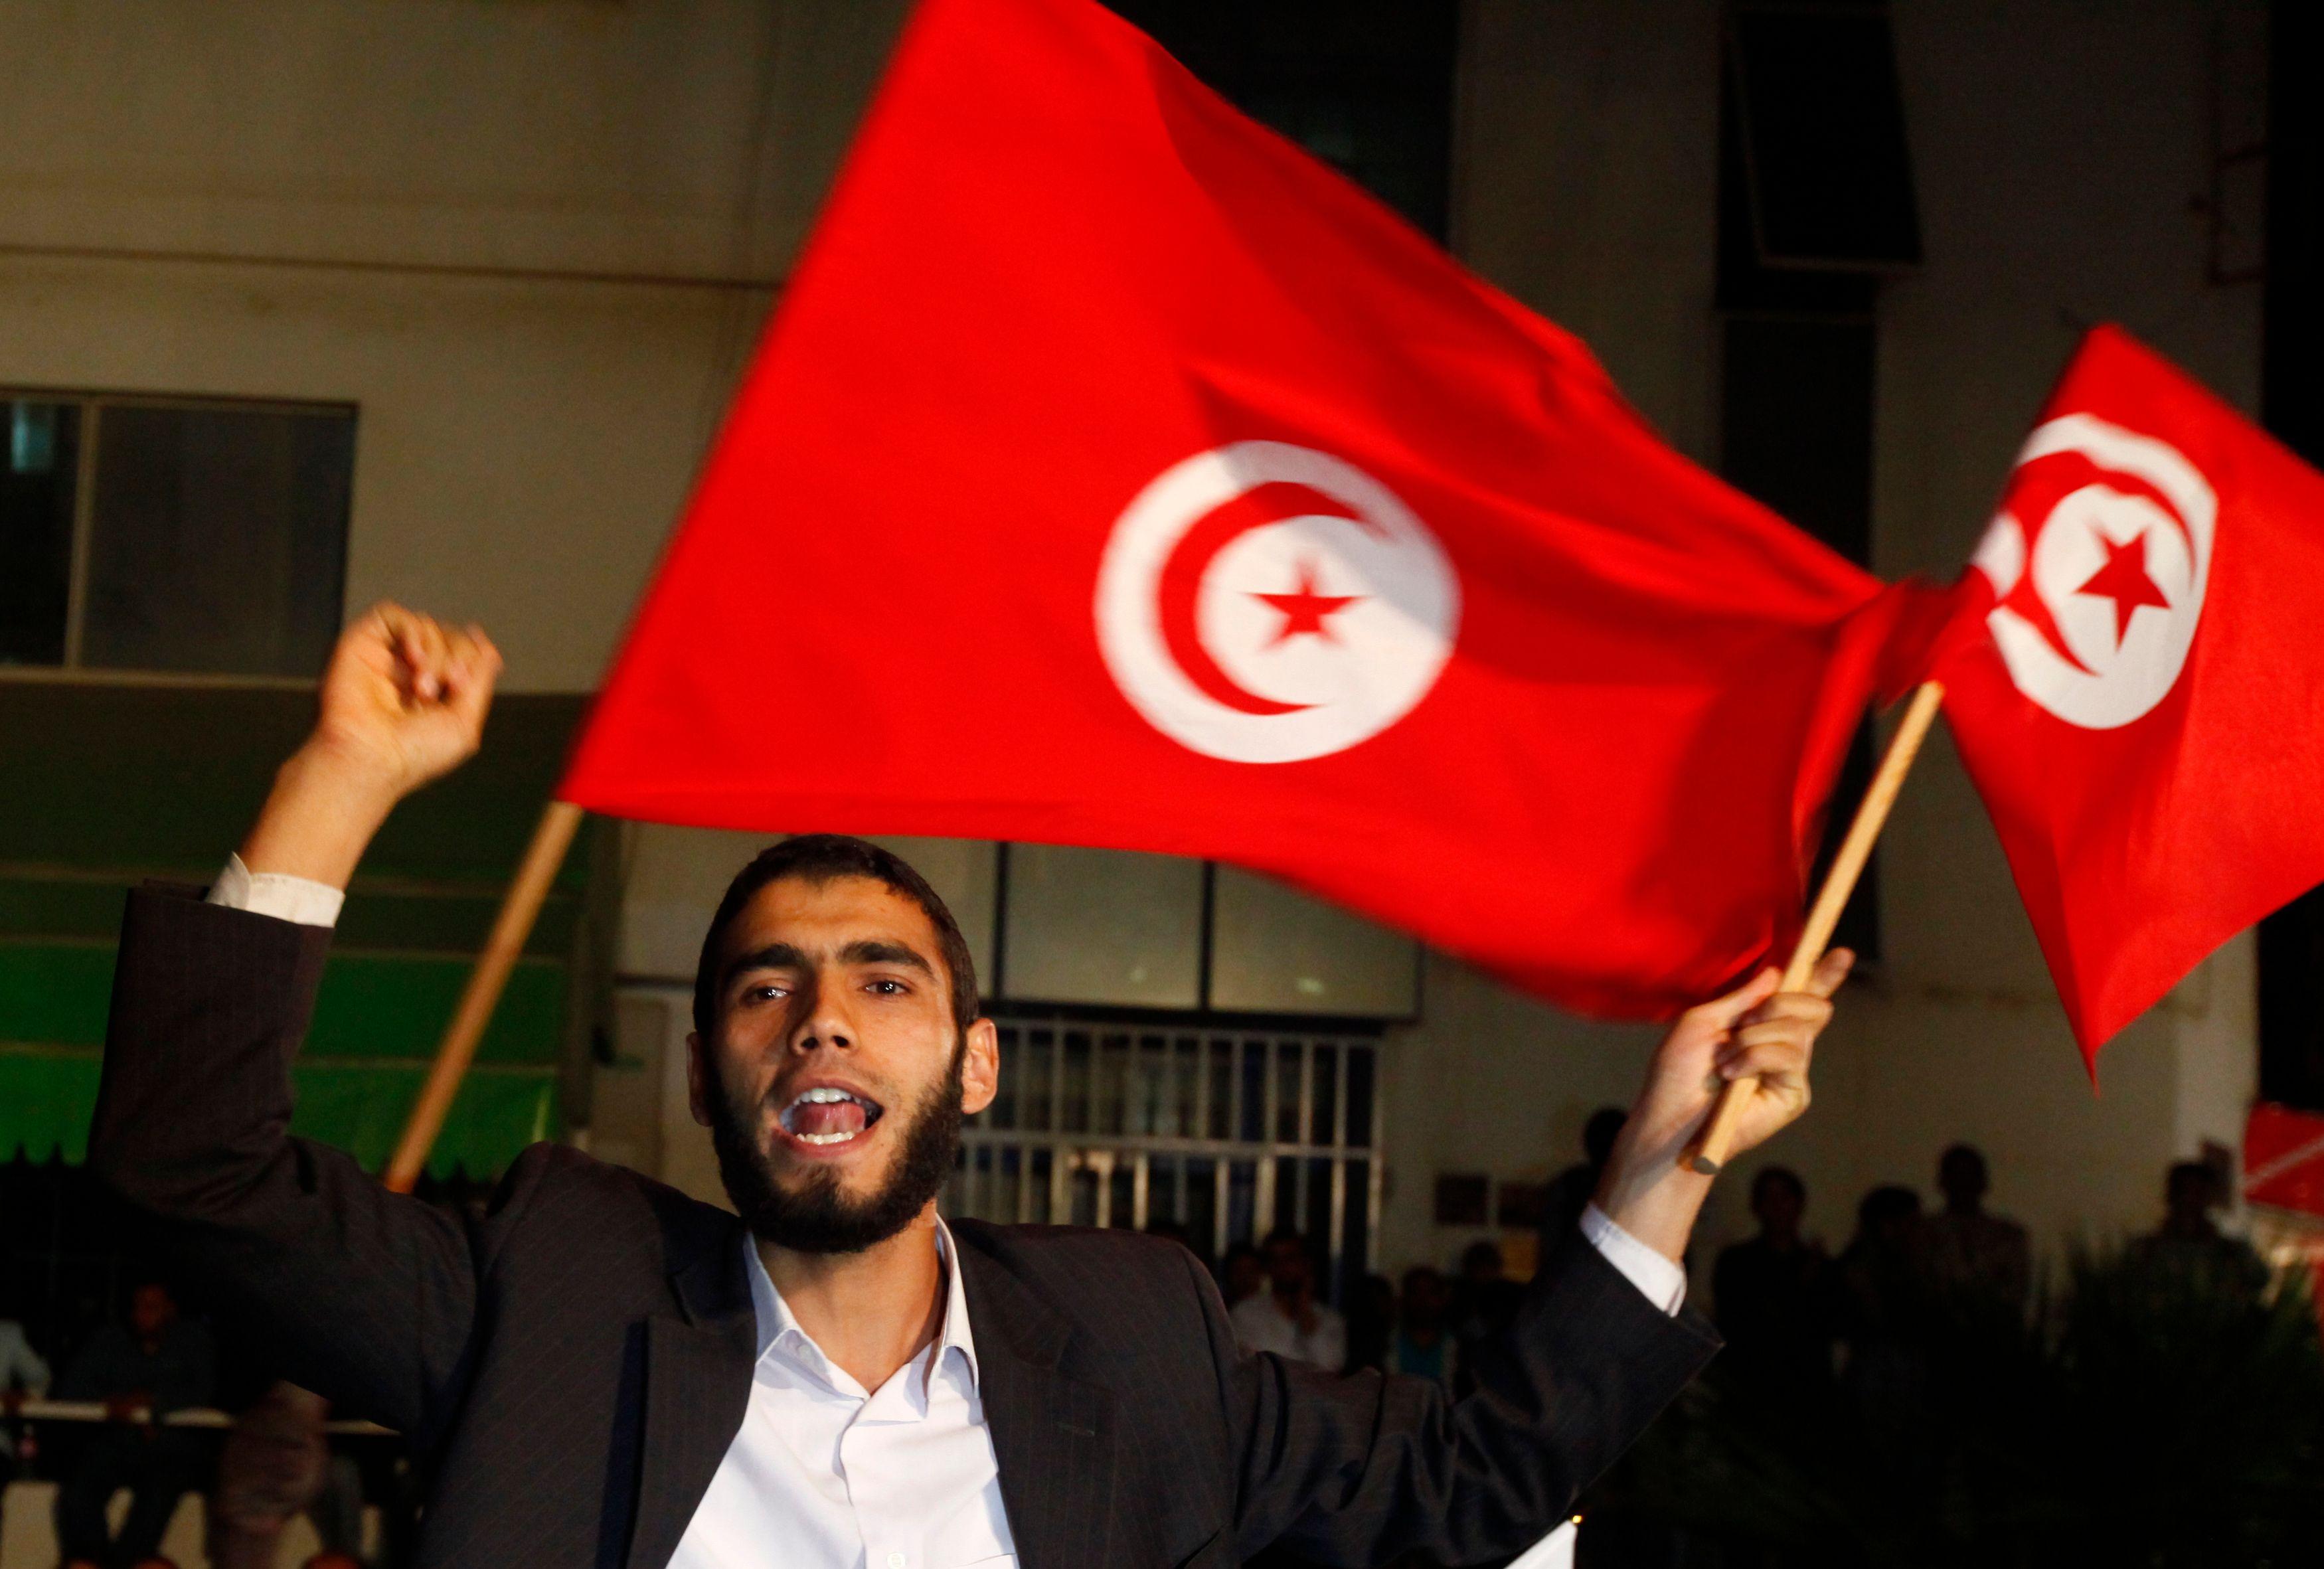 La Révolution tunisienne n'a pas fait que des heureux